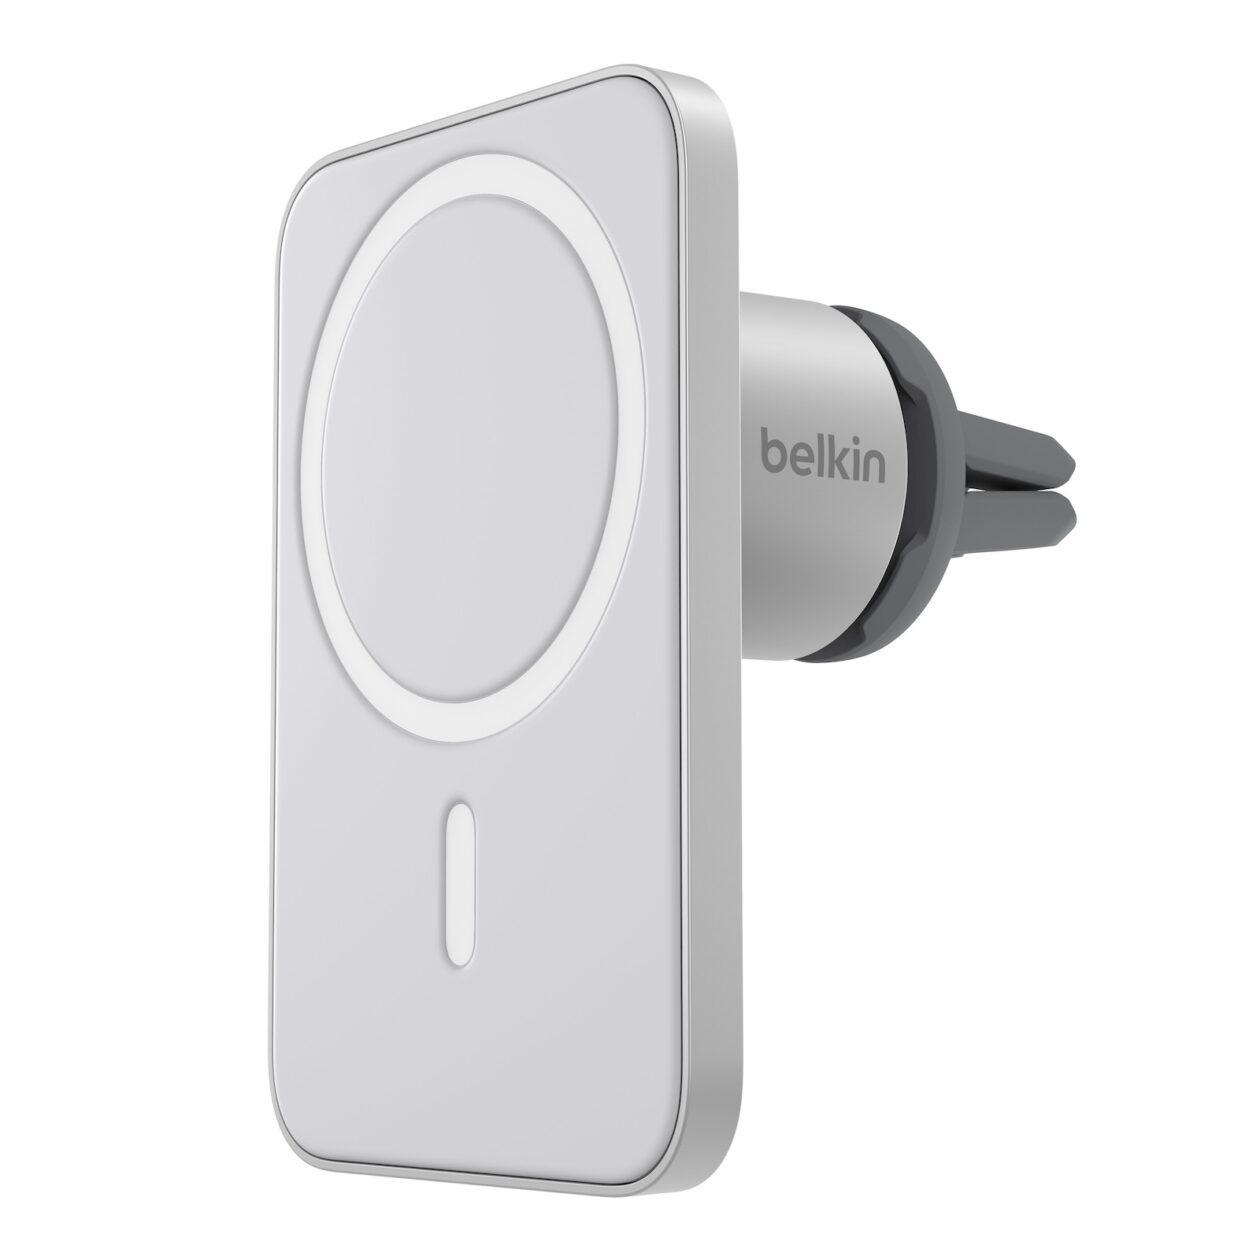 Novos acessórios MagSafe da Belkin